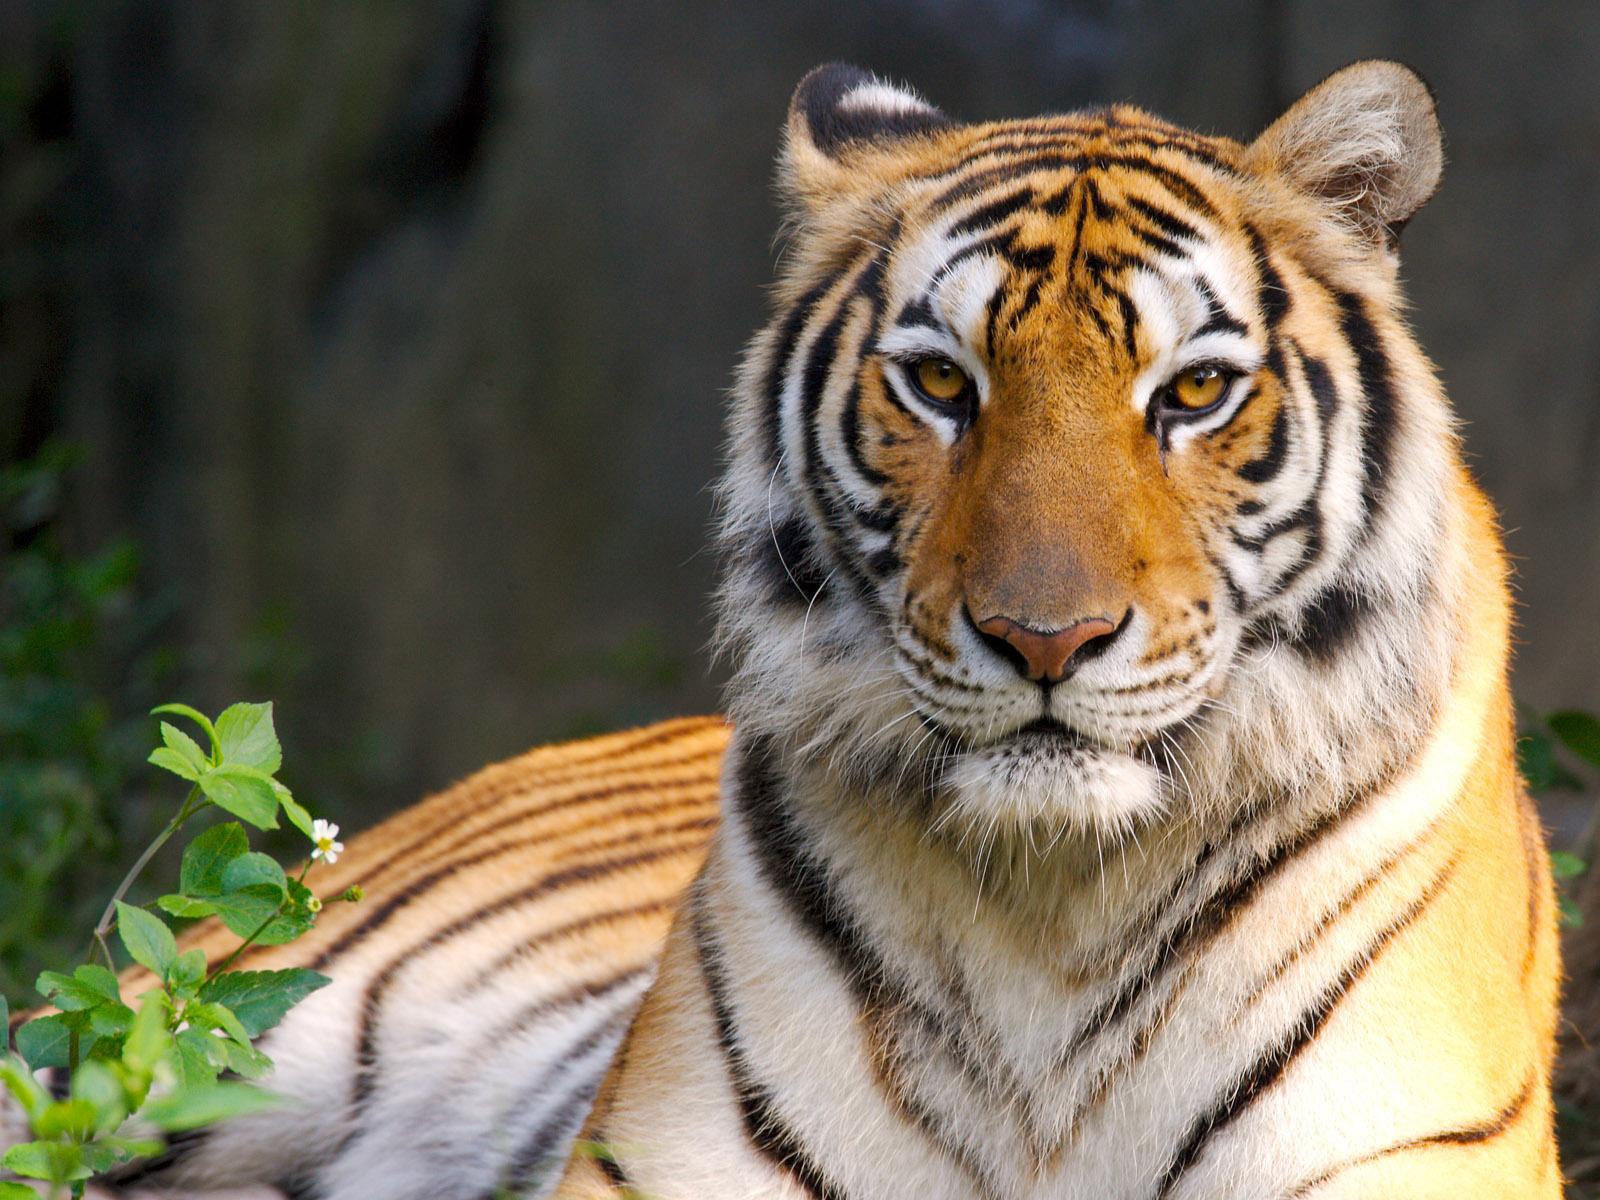 ek tha tiger white tigers wild tigers indian tigers cute tigers tiger 1600x1200